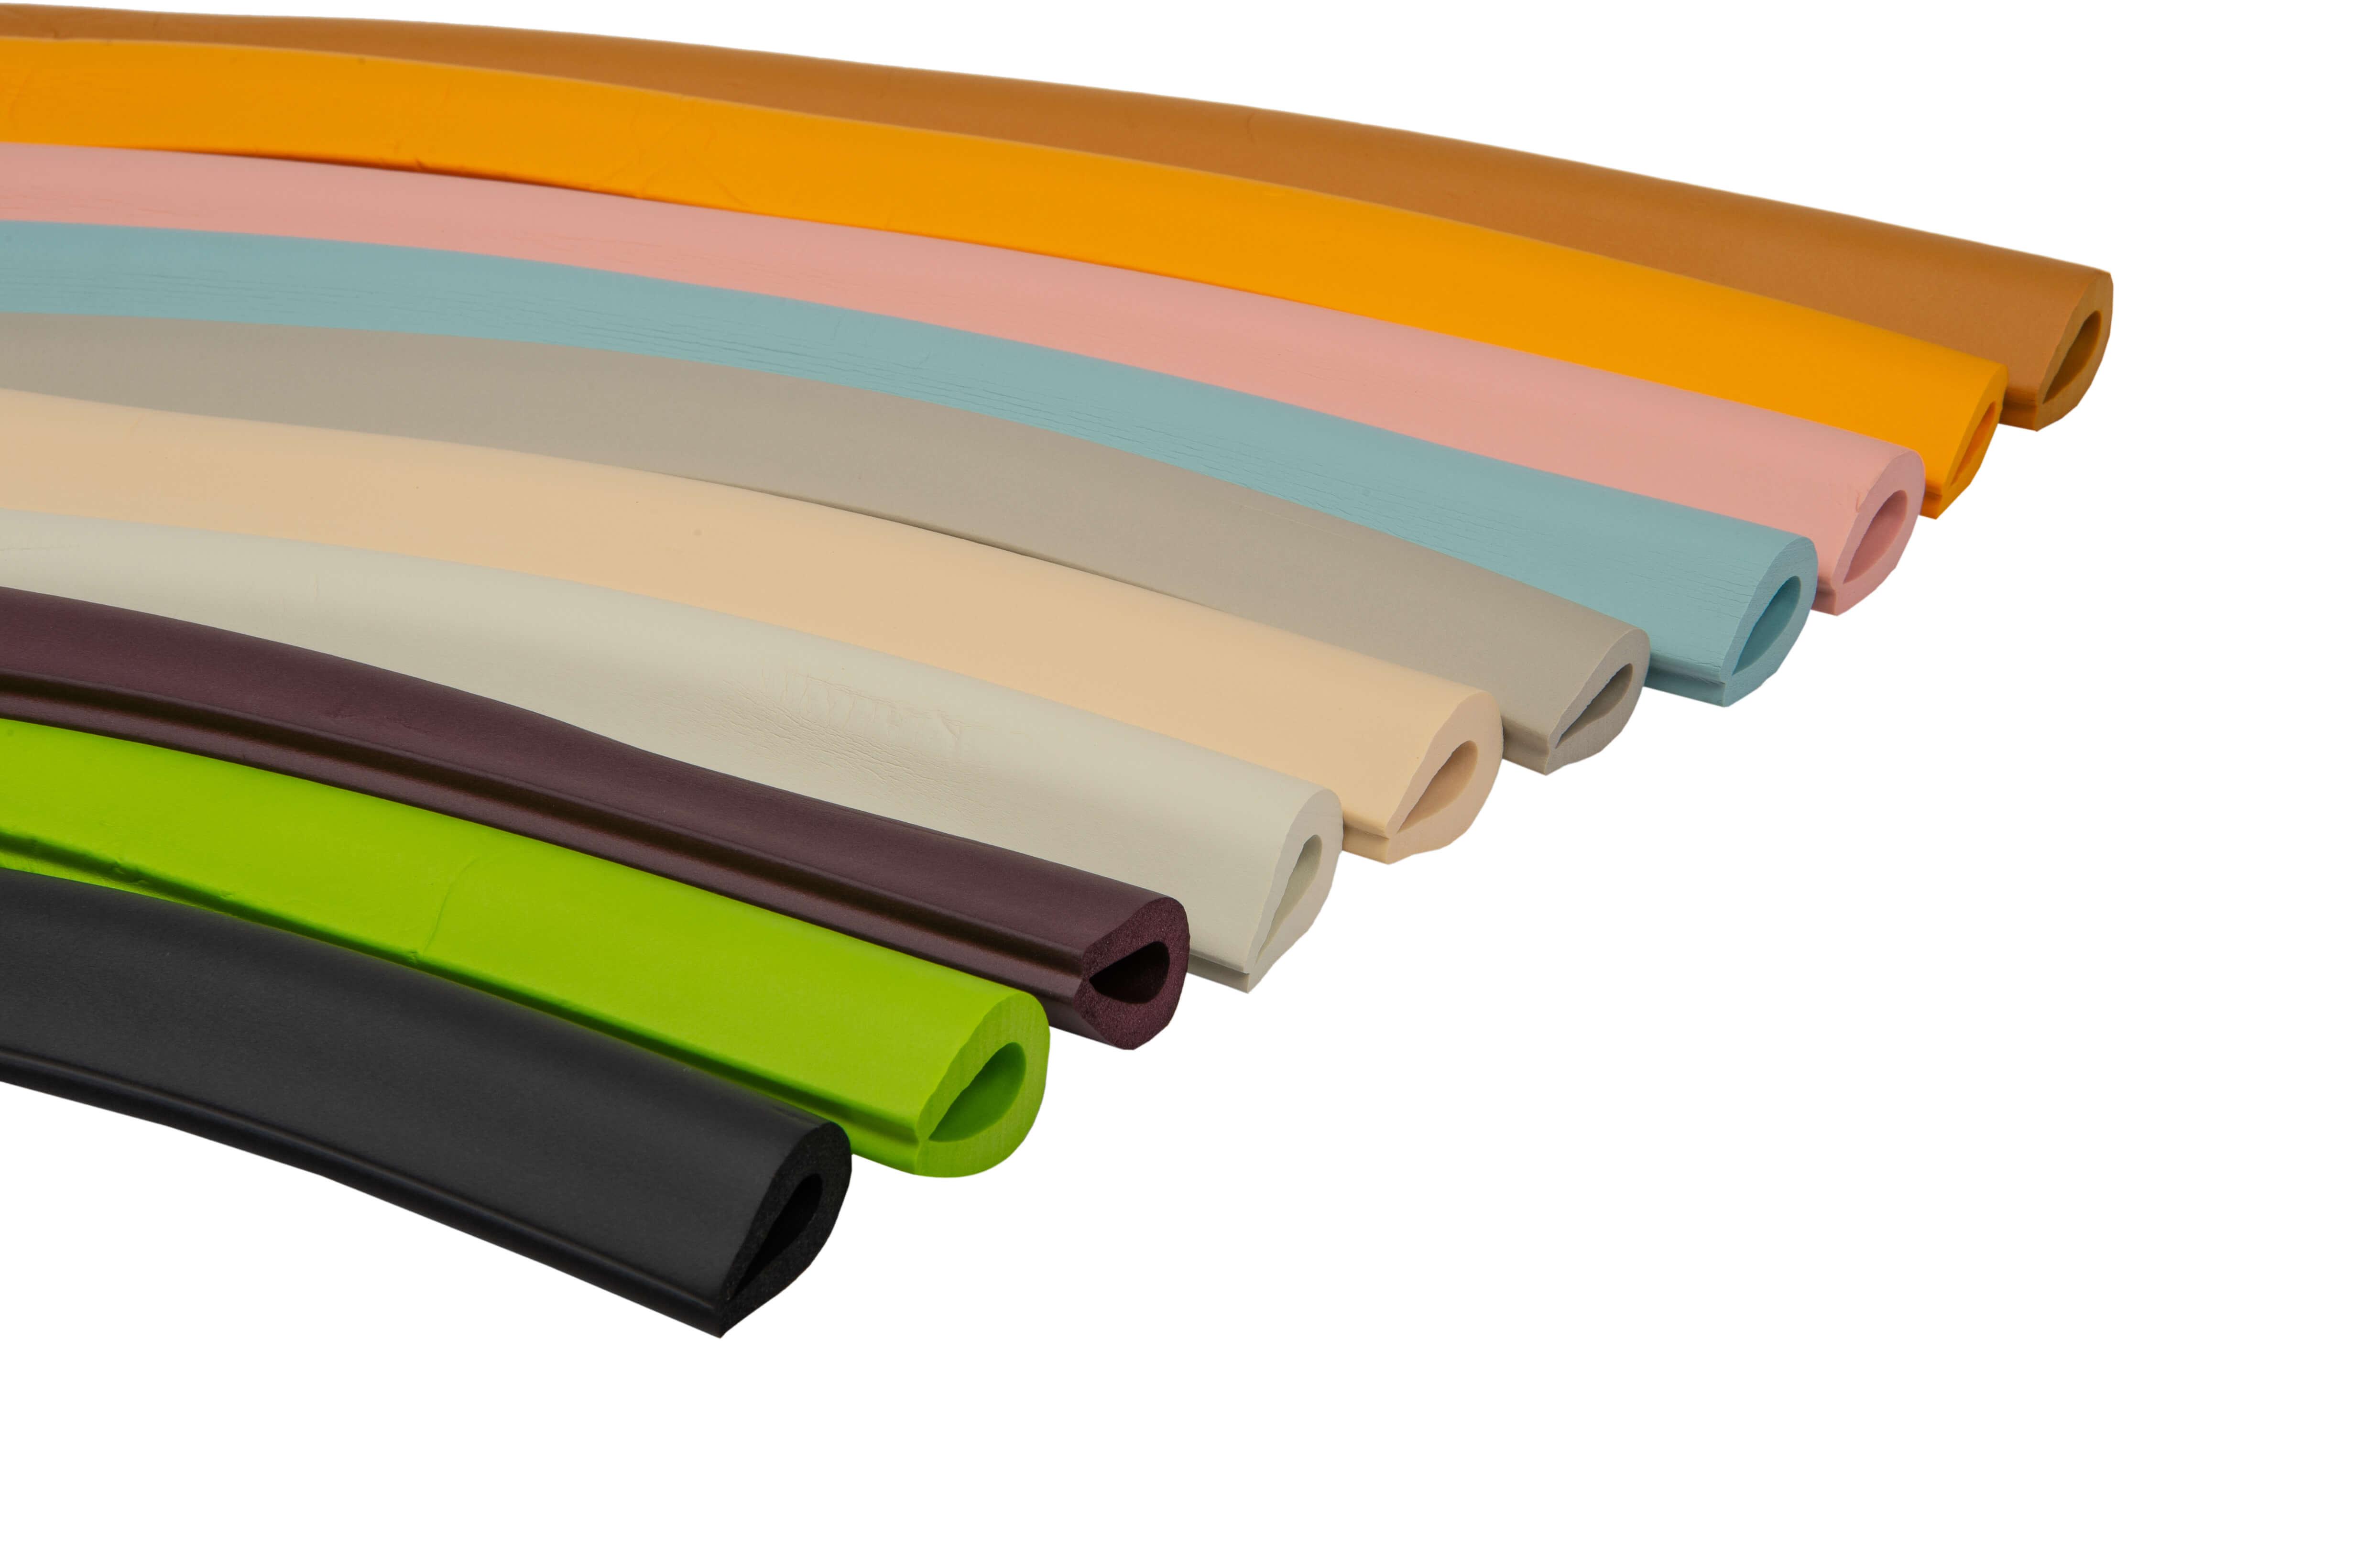 Benzi de protectie pentru muchii de mobilier intr-o varietate de culori